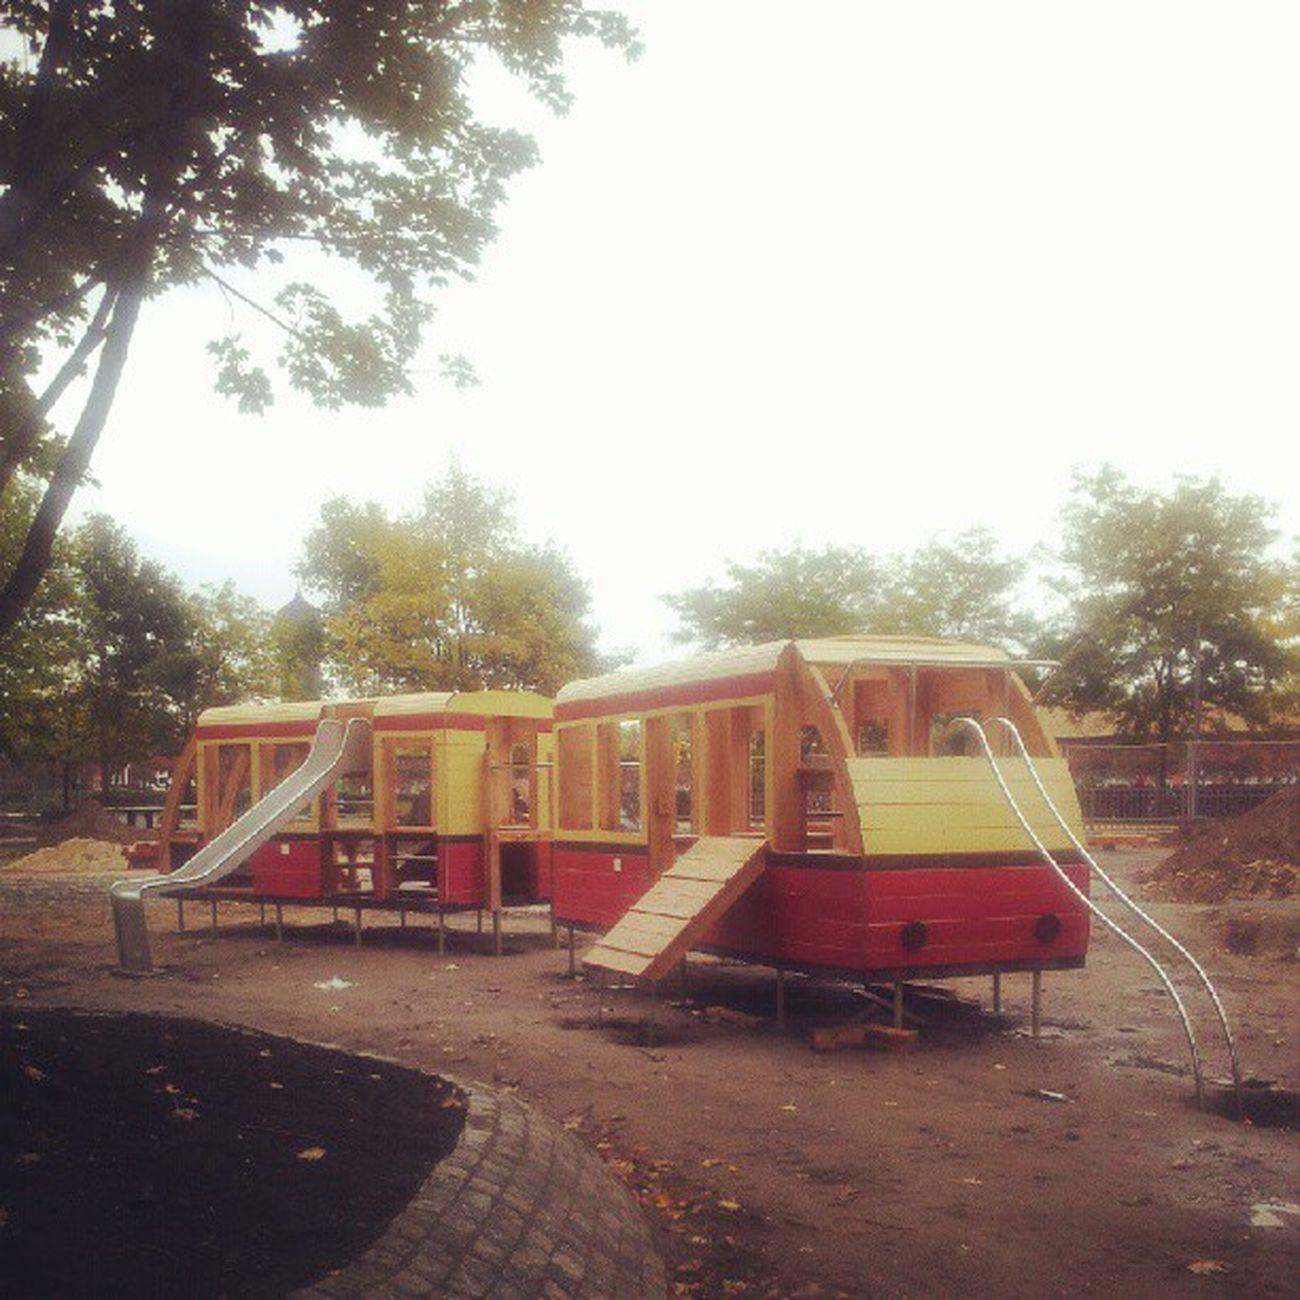 Sie haben der BVG ein Denkmal gebaut... Igers Instagood Instagramhub Eastberlin Playgournd Streetphotography Berlin Urban Bvg Photooftheday Picoftheday Friedrichshain Instamood